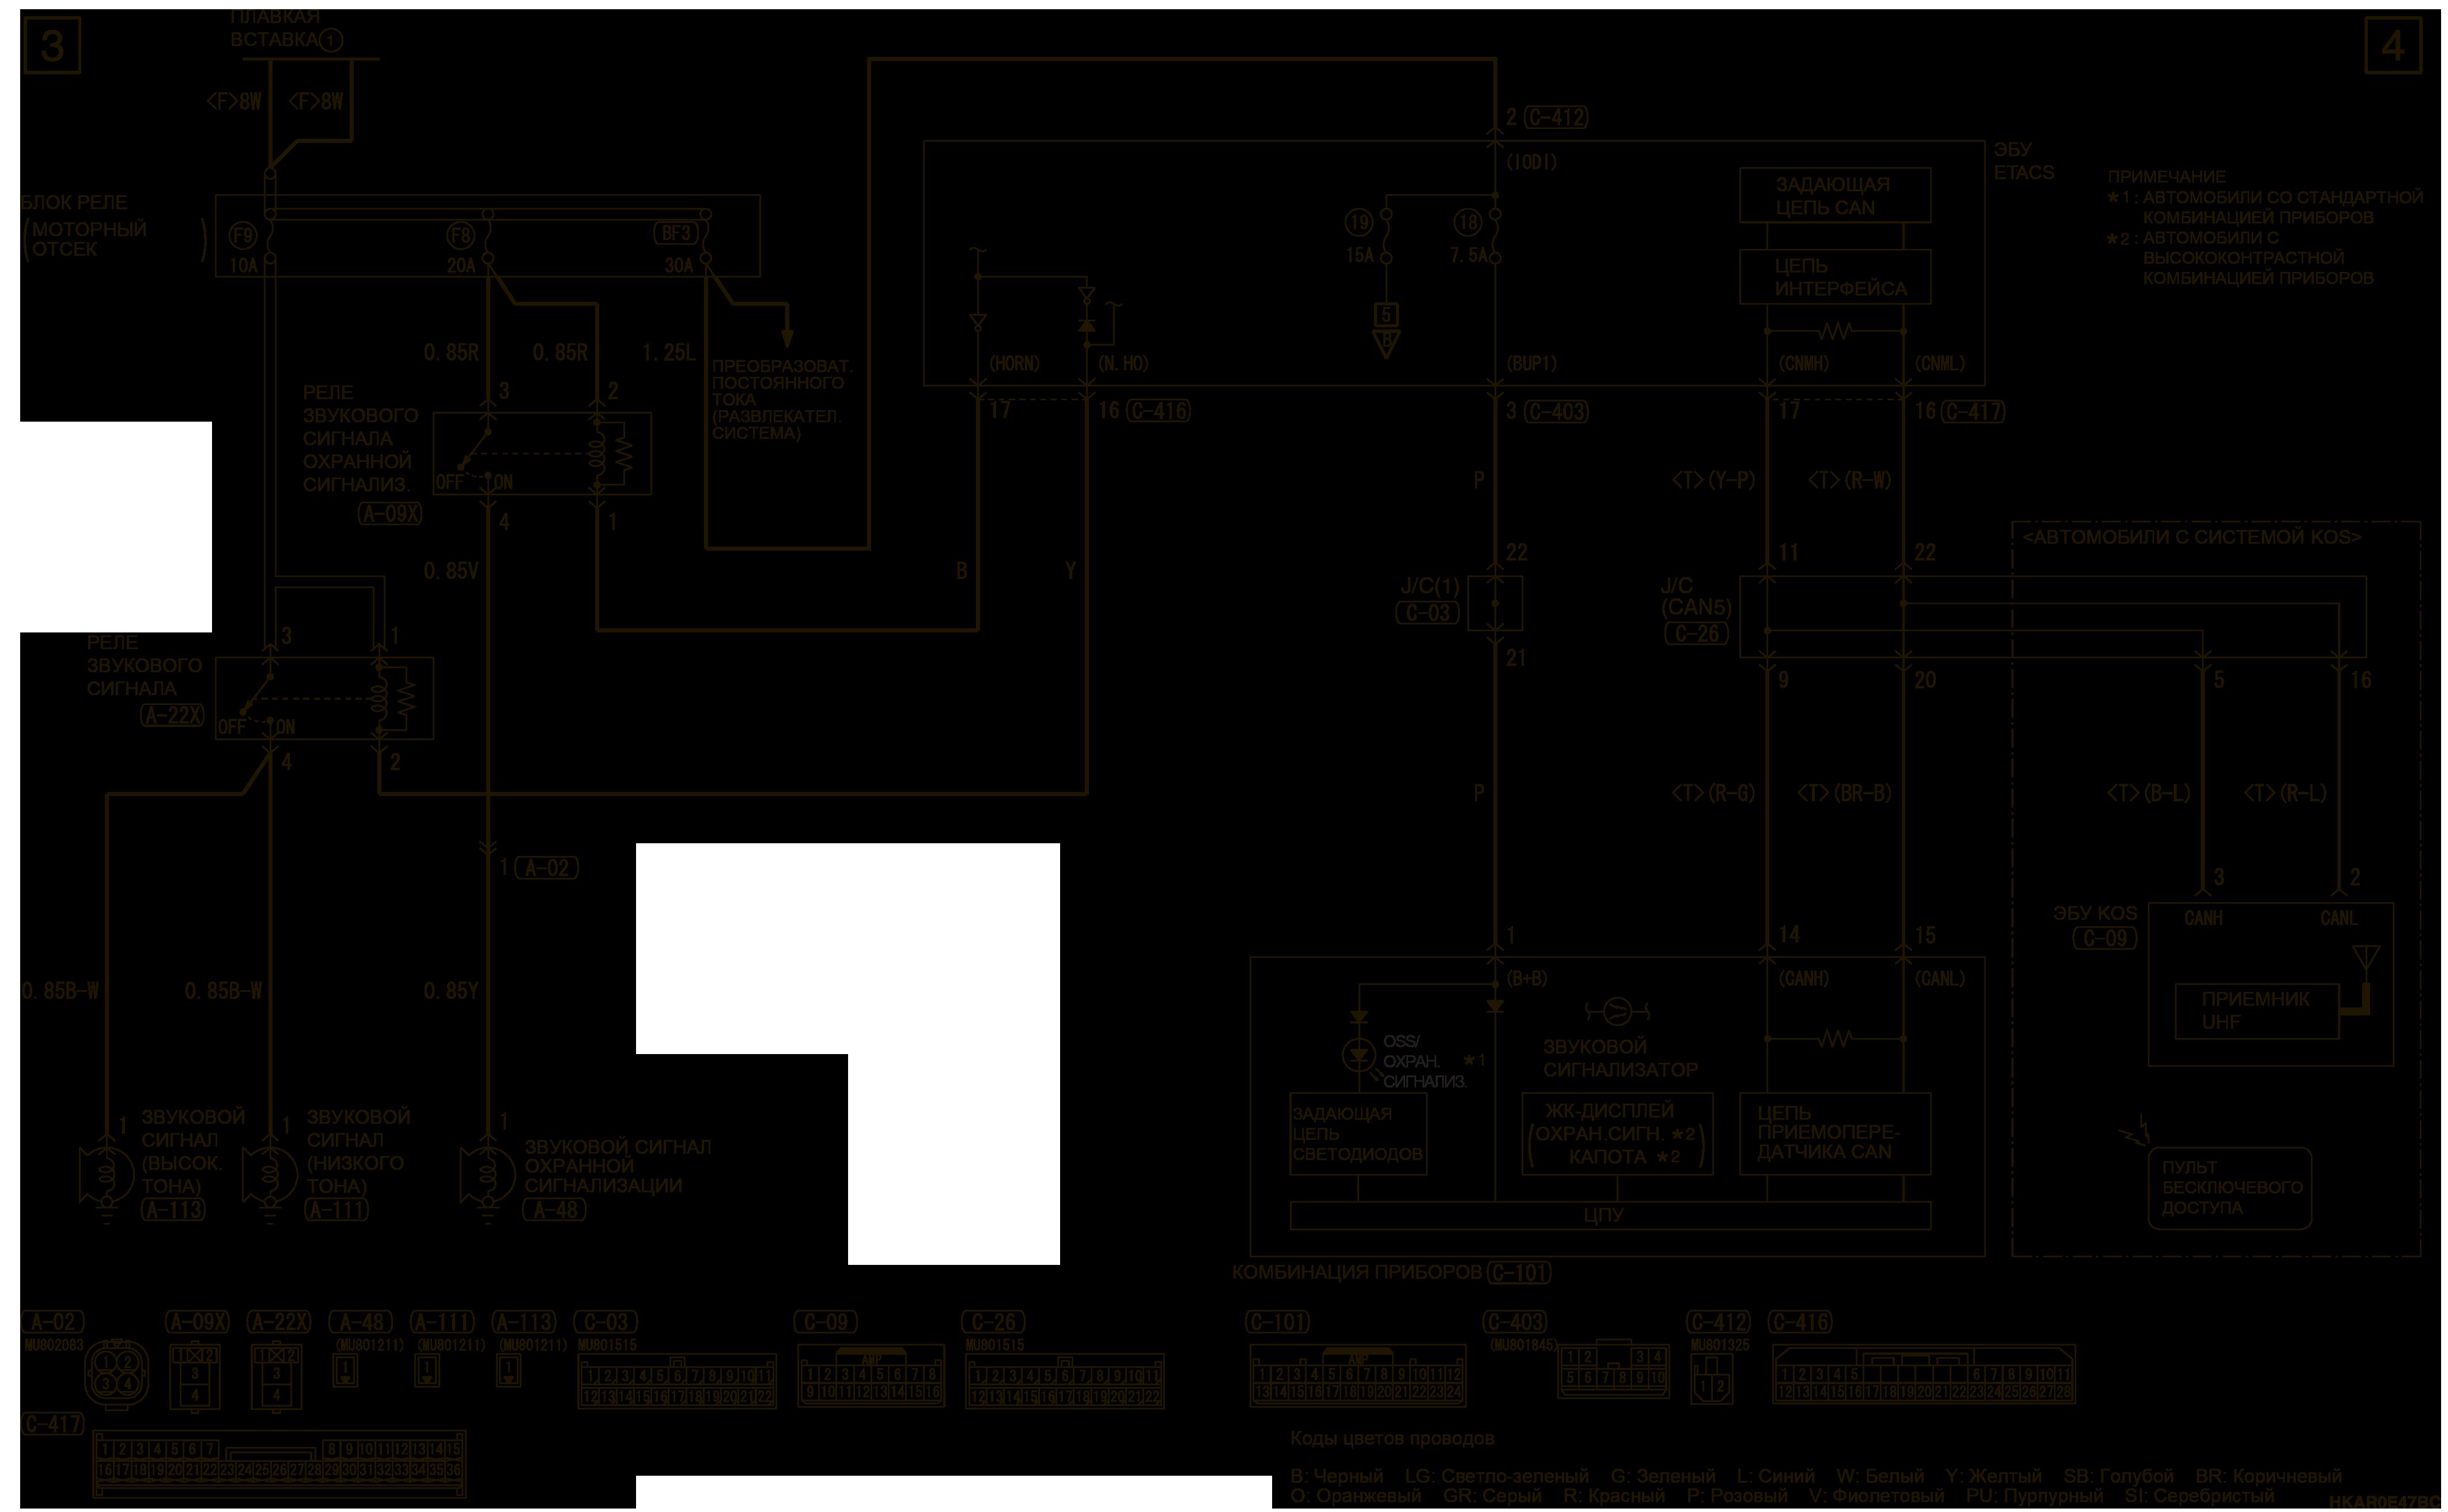 mmc аутлендер 3 2019 электросхемаОХРАННАЯ СИГНАЛИЗАЦИЯ АВТОМОБИЛИ БЕЗ ДАТЧИКА ОХРАННОЙ СИГНАЛИЗАЦИИ